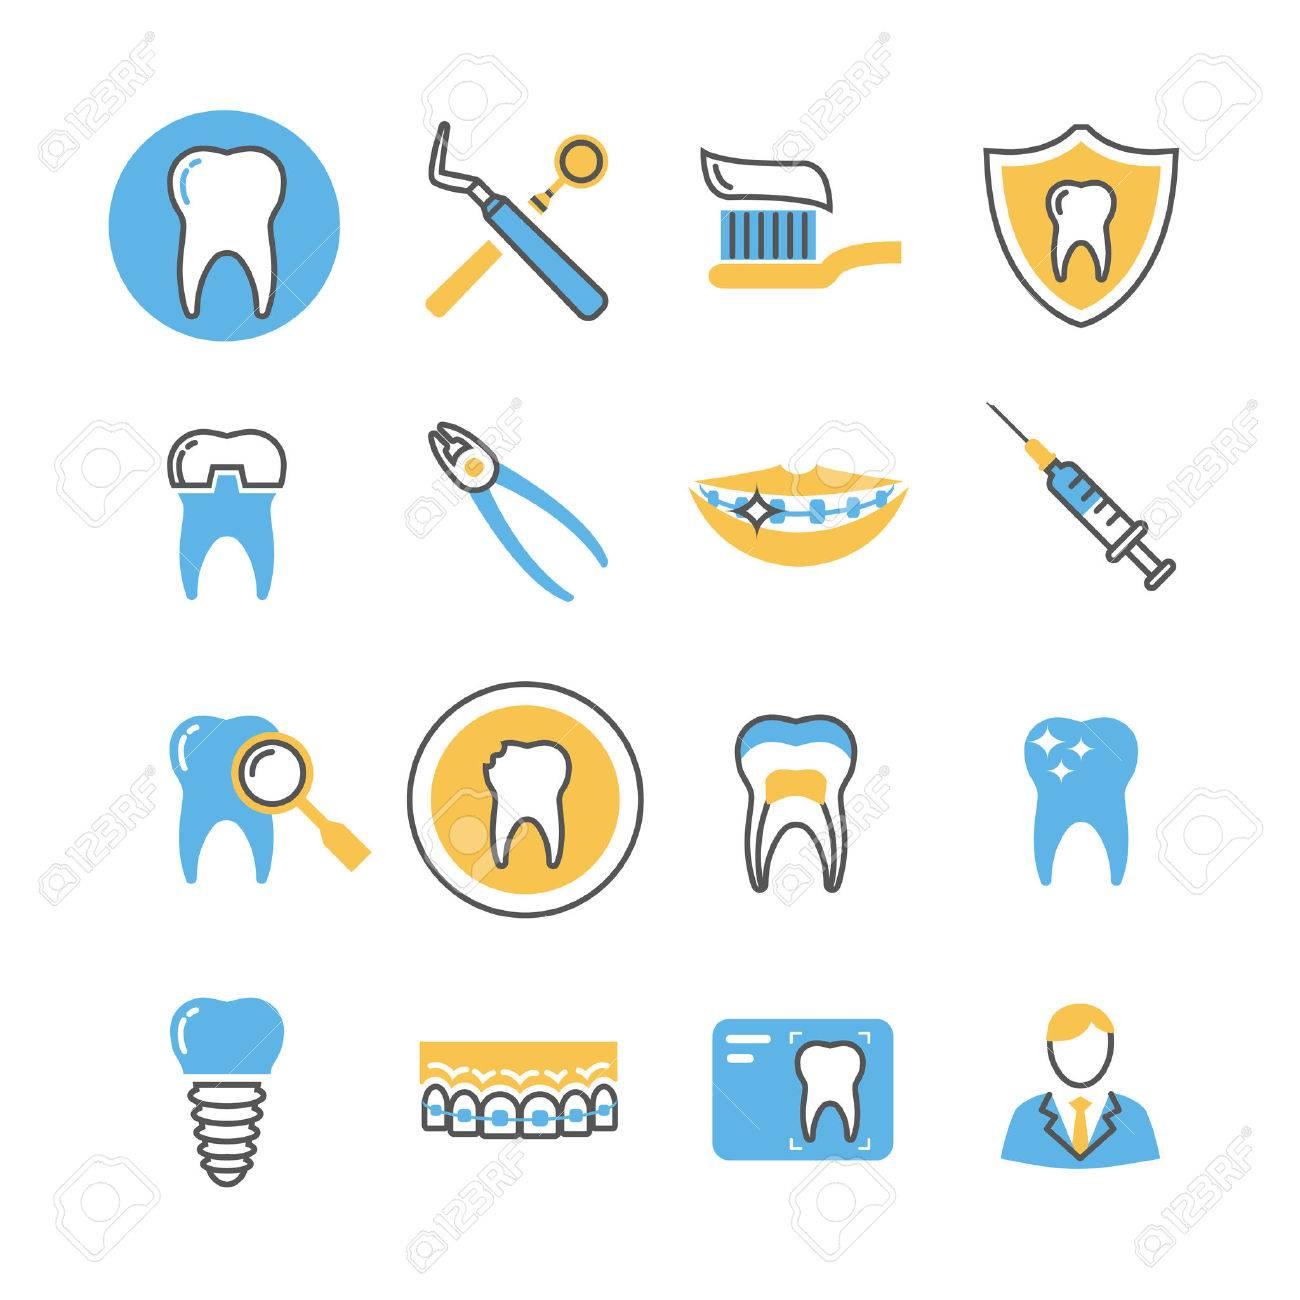 歯科医療サービス設備製品線形ベクトルのアイコンは色の要素を持つ